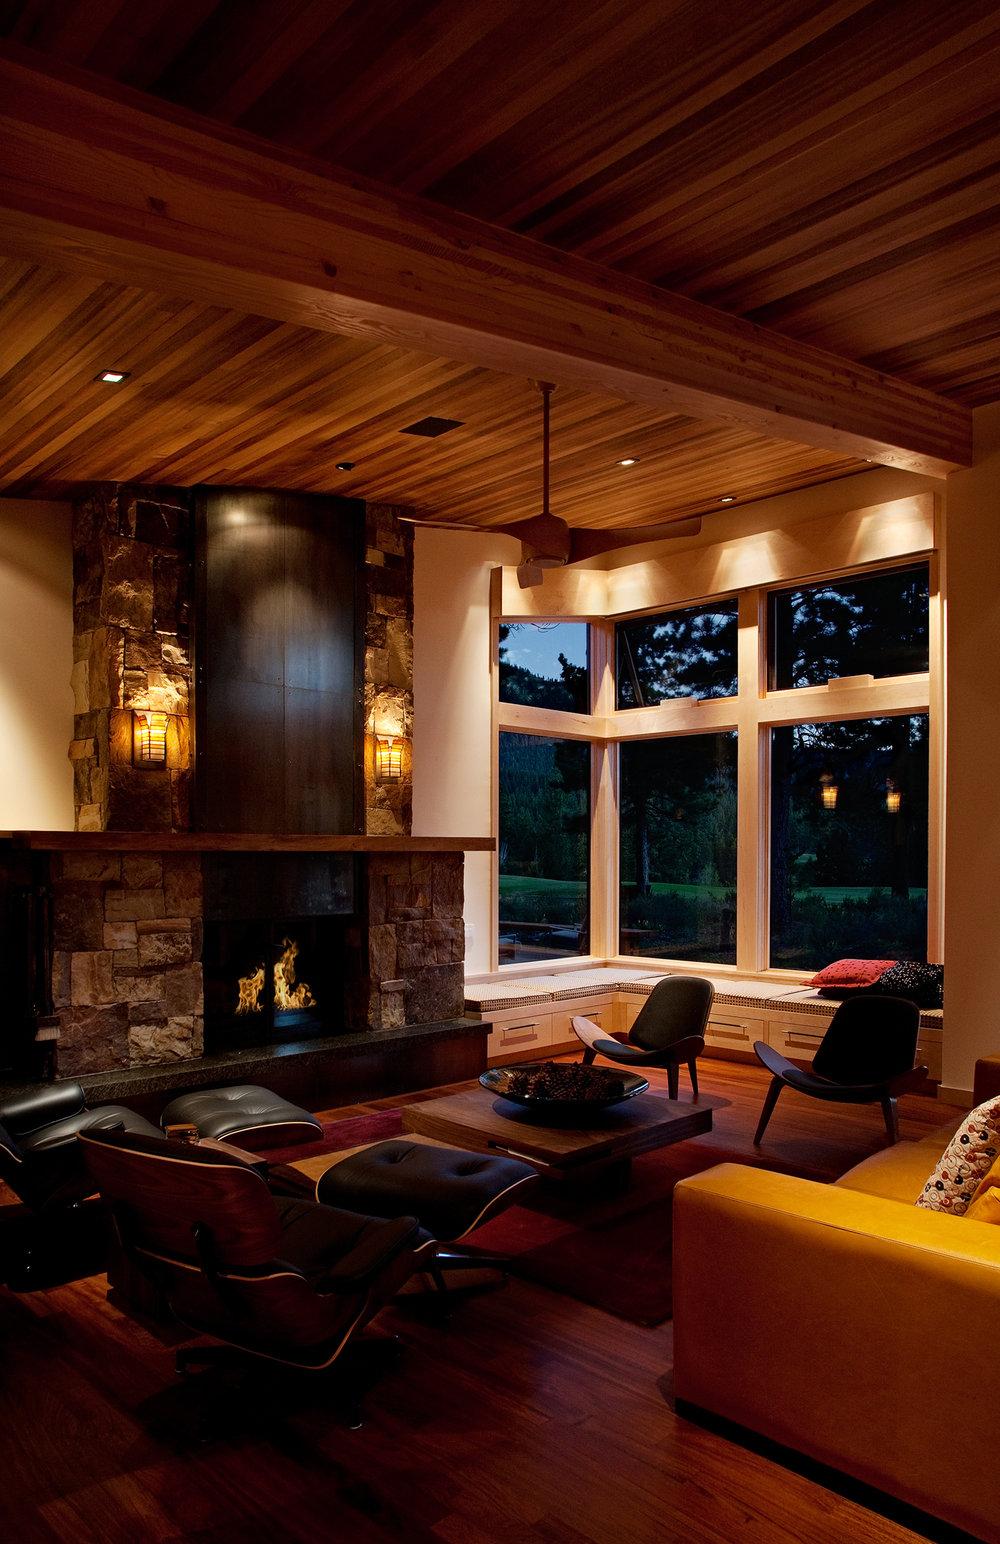 LH 356_Living Room_Fireplace_Wood Ceilings.jpg